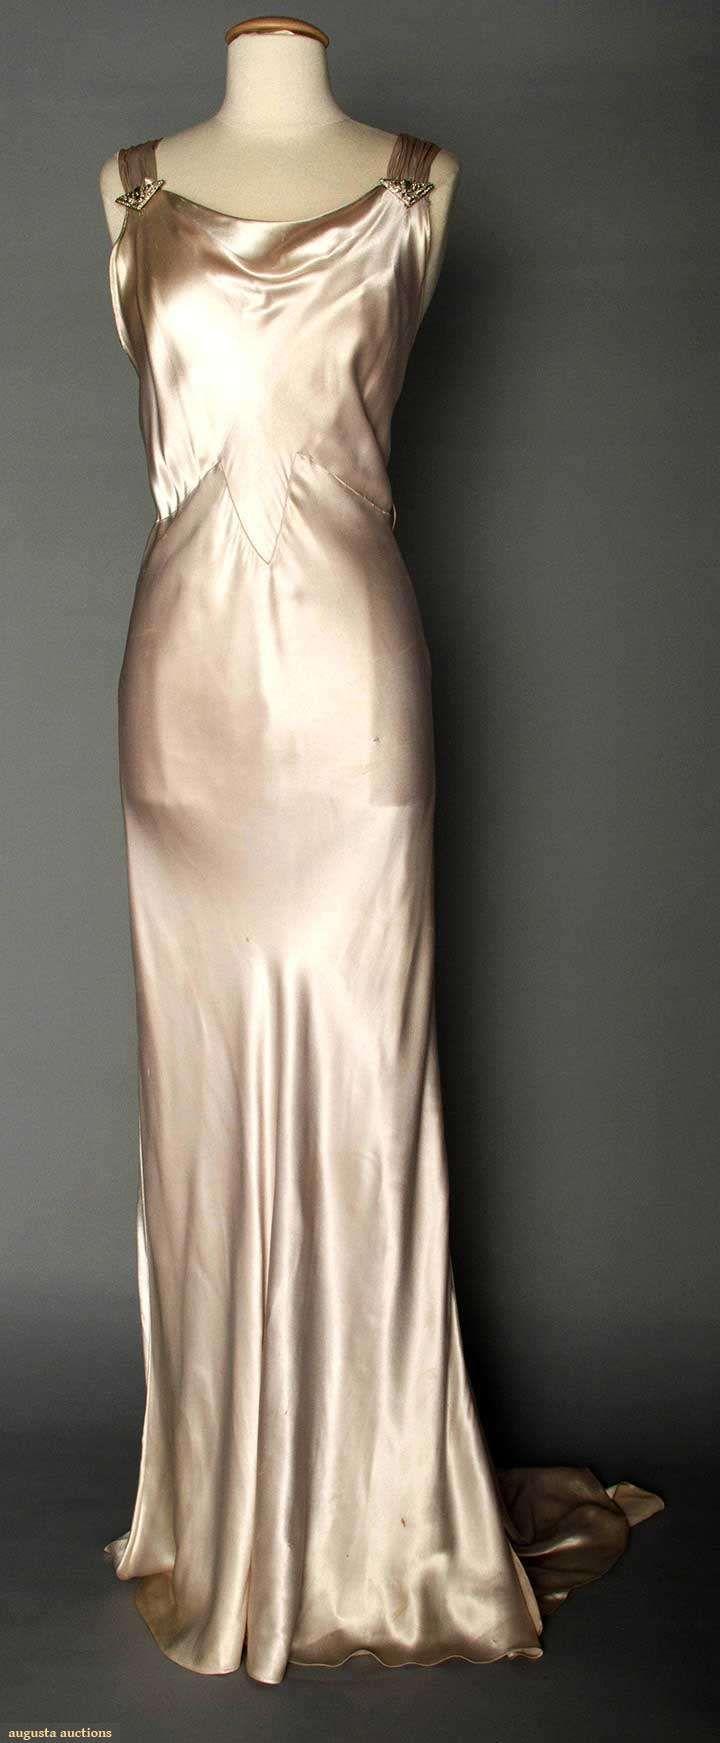 SILVER SATIN EVENING GOWN, 1930s | dress | Pinterest | 1930s, Dress ...